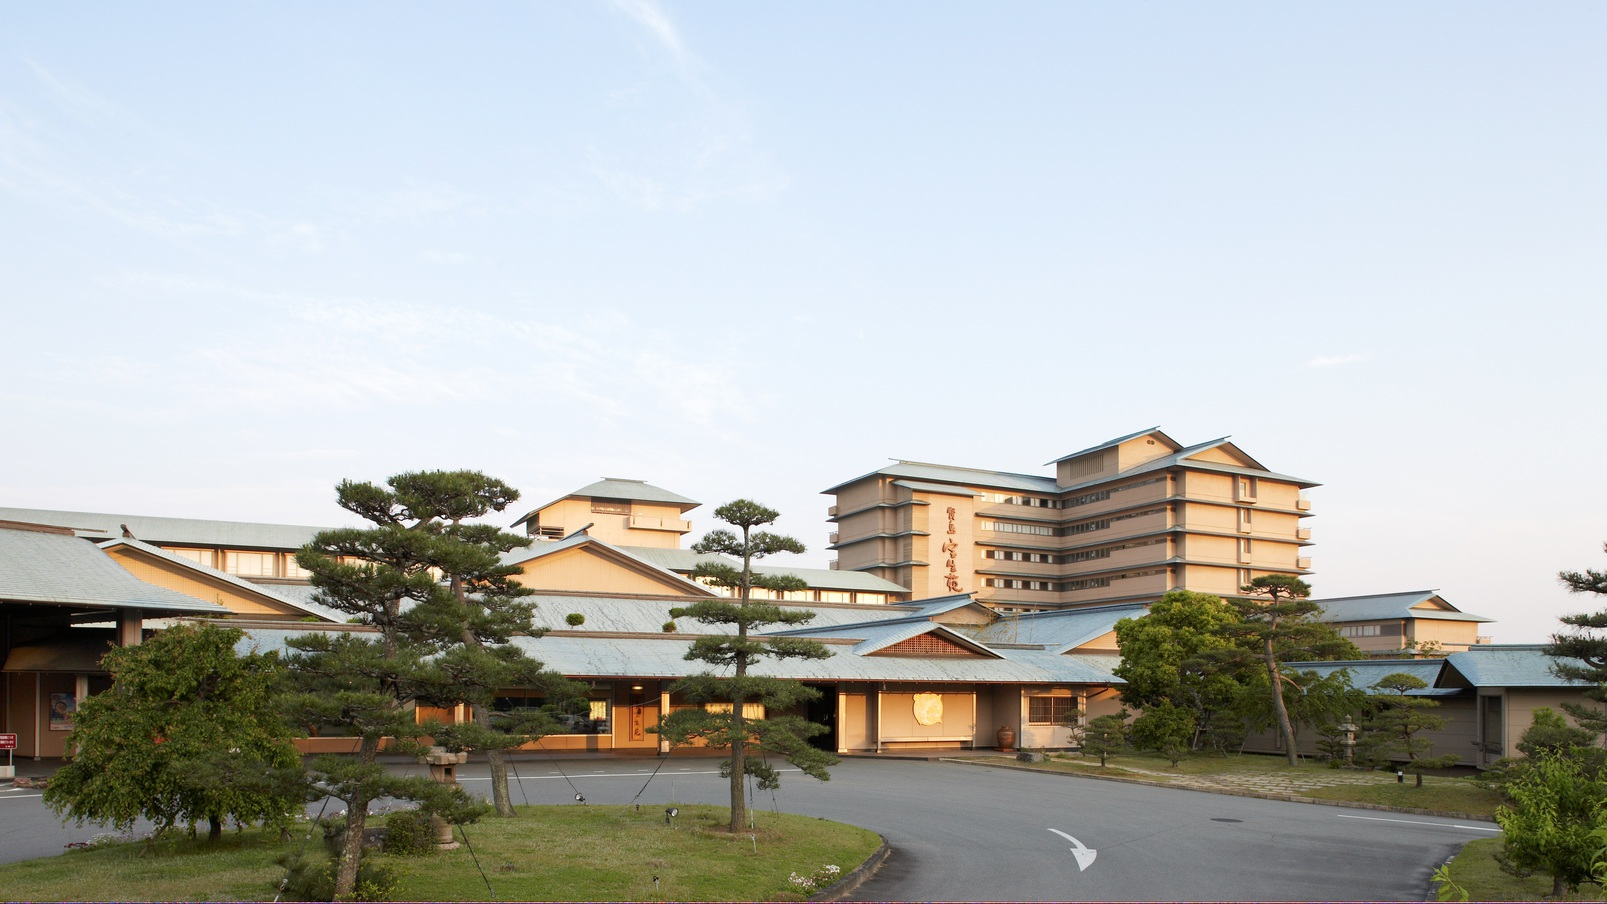 高齢の親を連れて志摩温泉へ。お伊勢さん参りの後におすすめなホテル